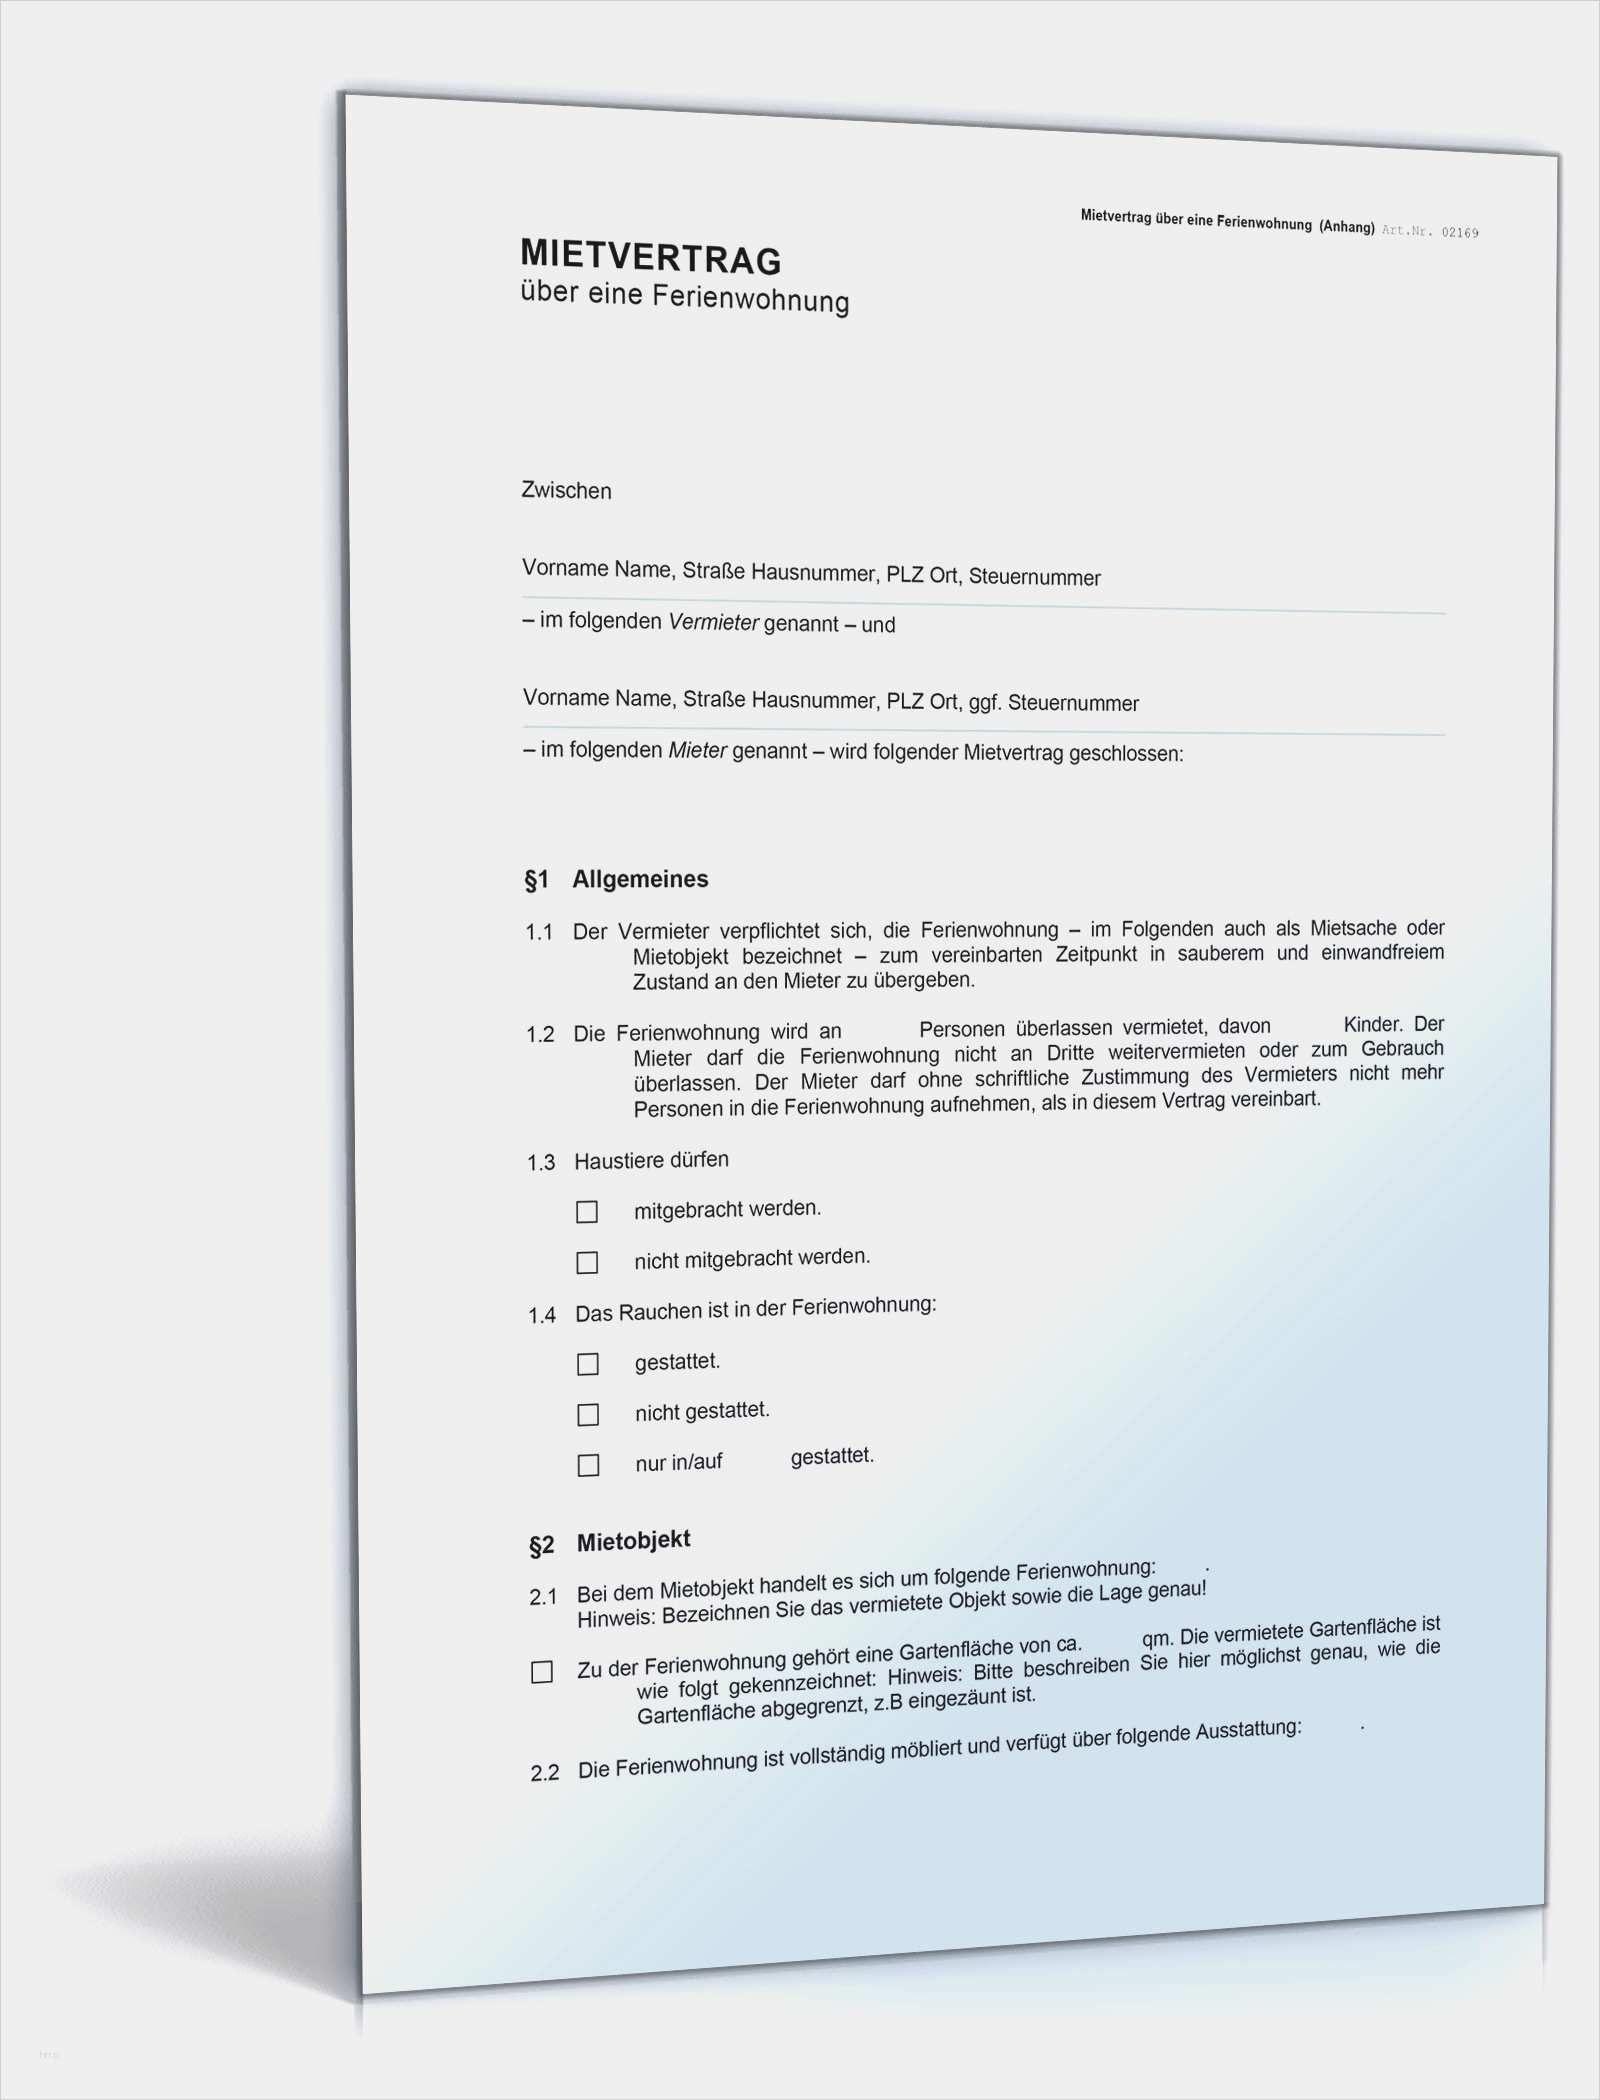 32 Erstaunlich Kundigung Gemeinsamer Mietvertrag Vorlage Bilder In 2020 Vorlagen Lebenslauf Vorlagen Word Homepage Vorlagen